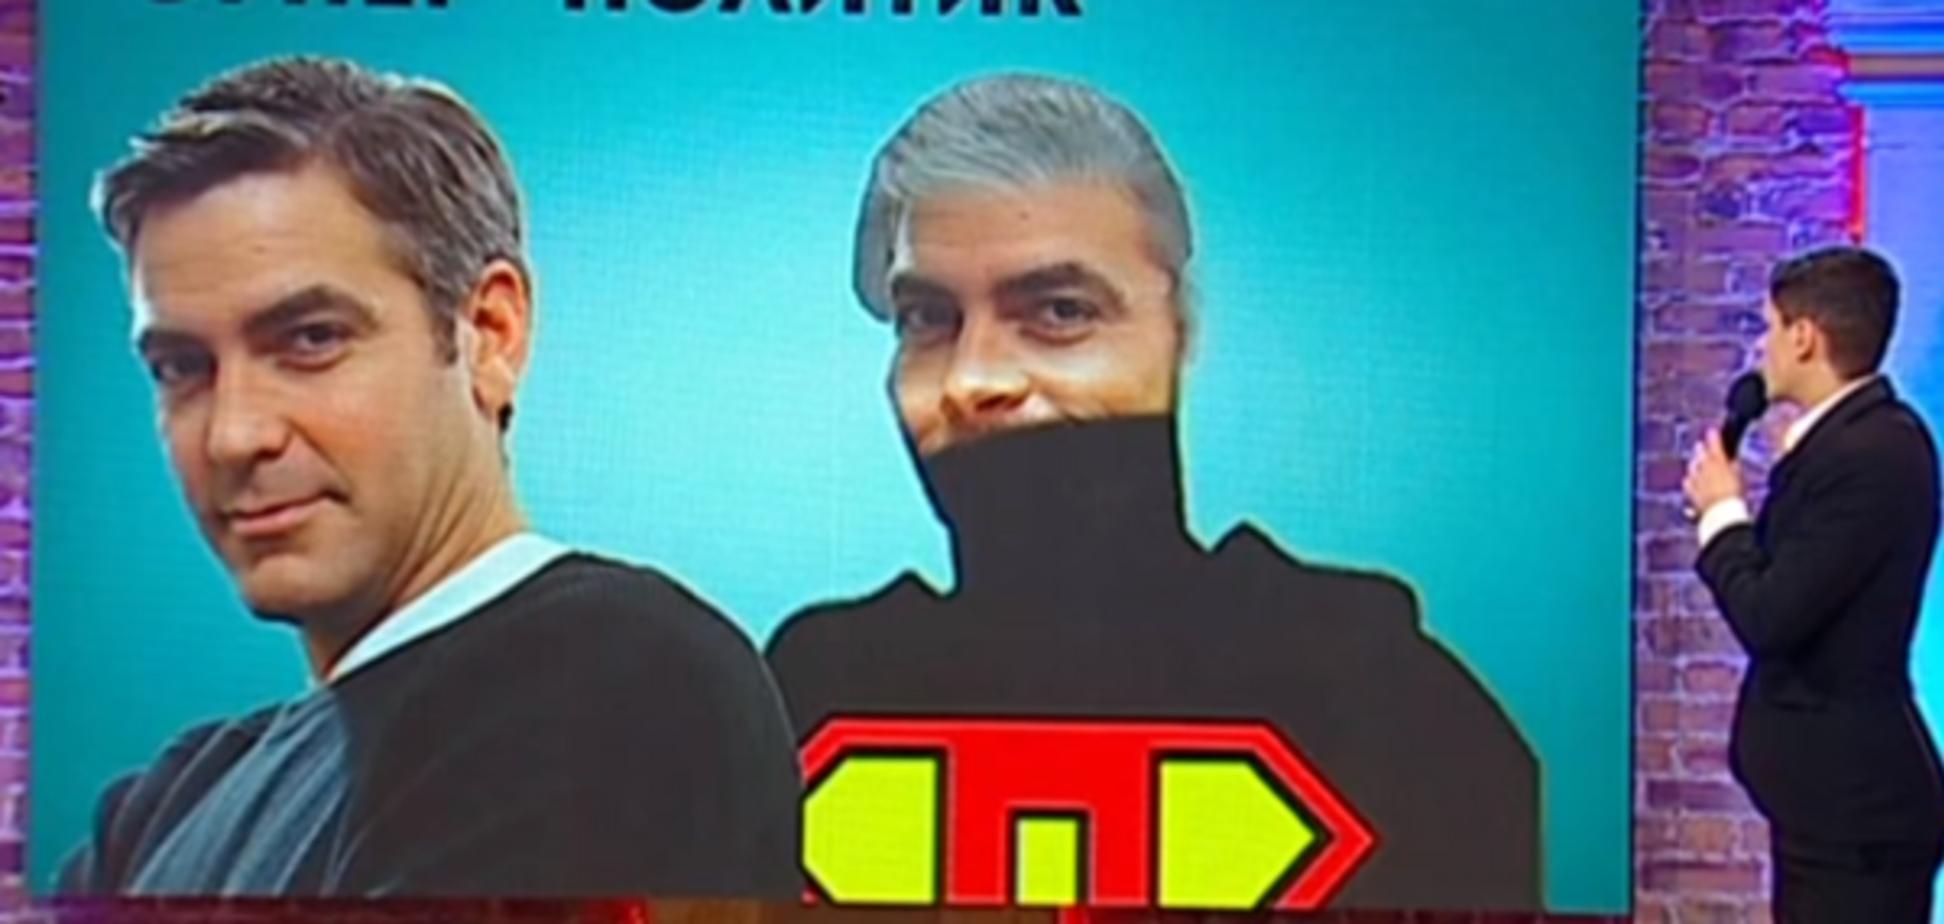 Українці створили портрет ідеального політика: відеофакт